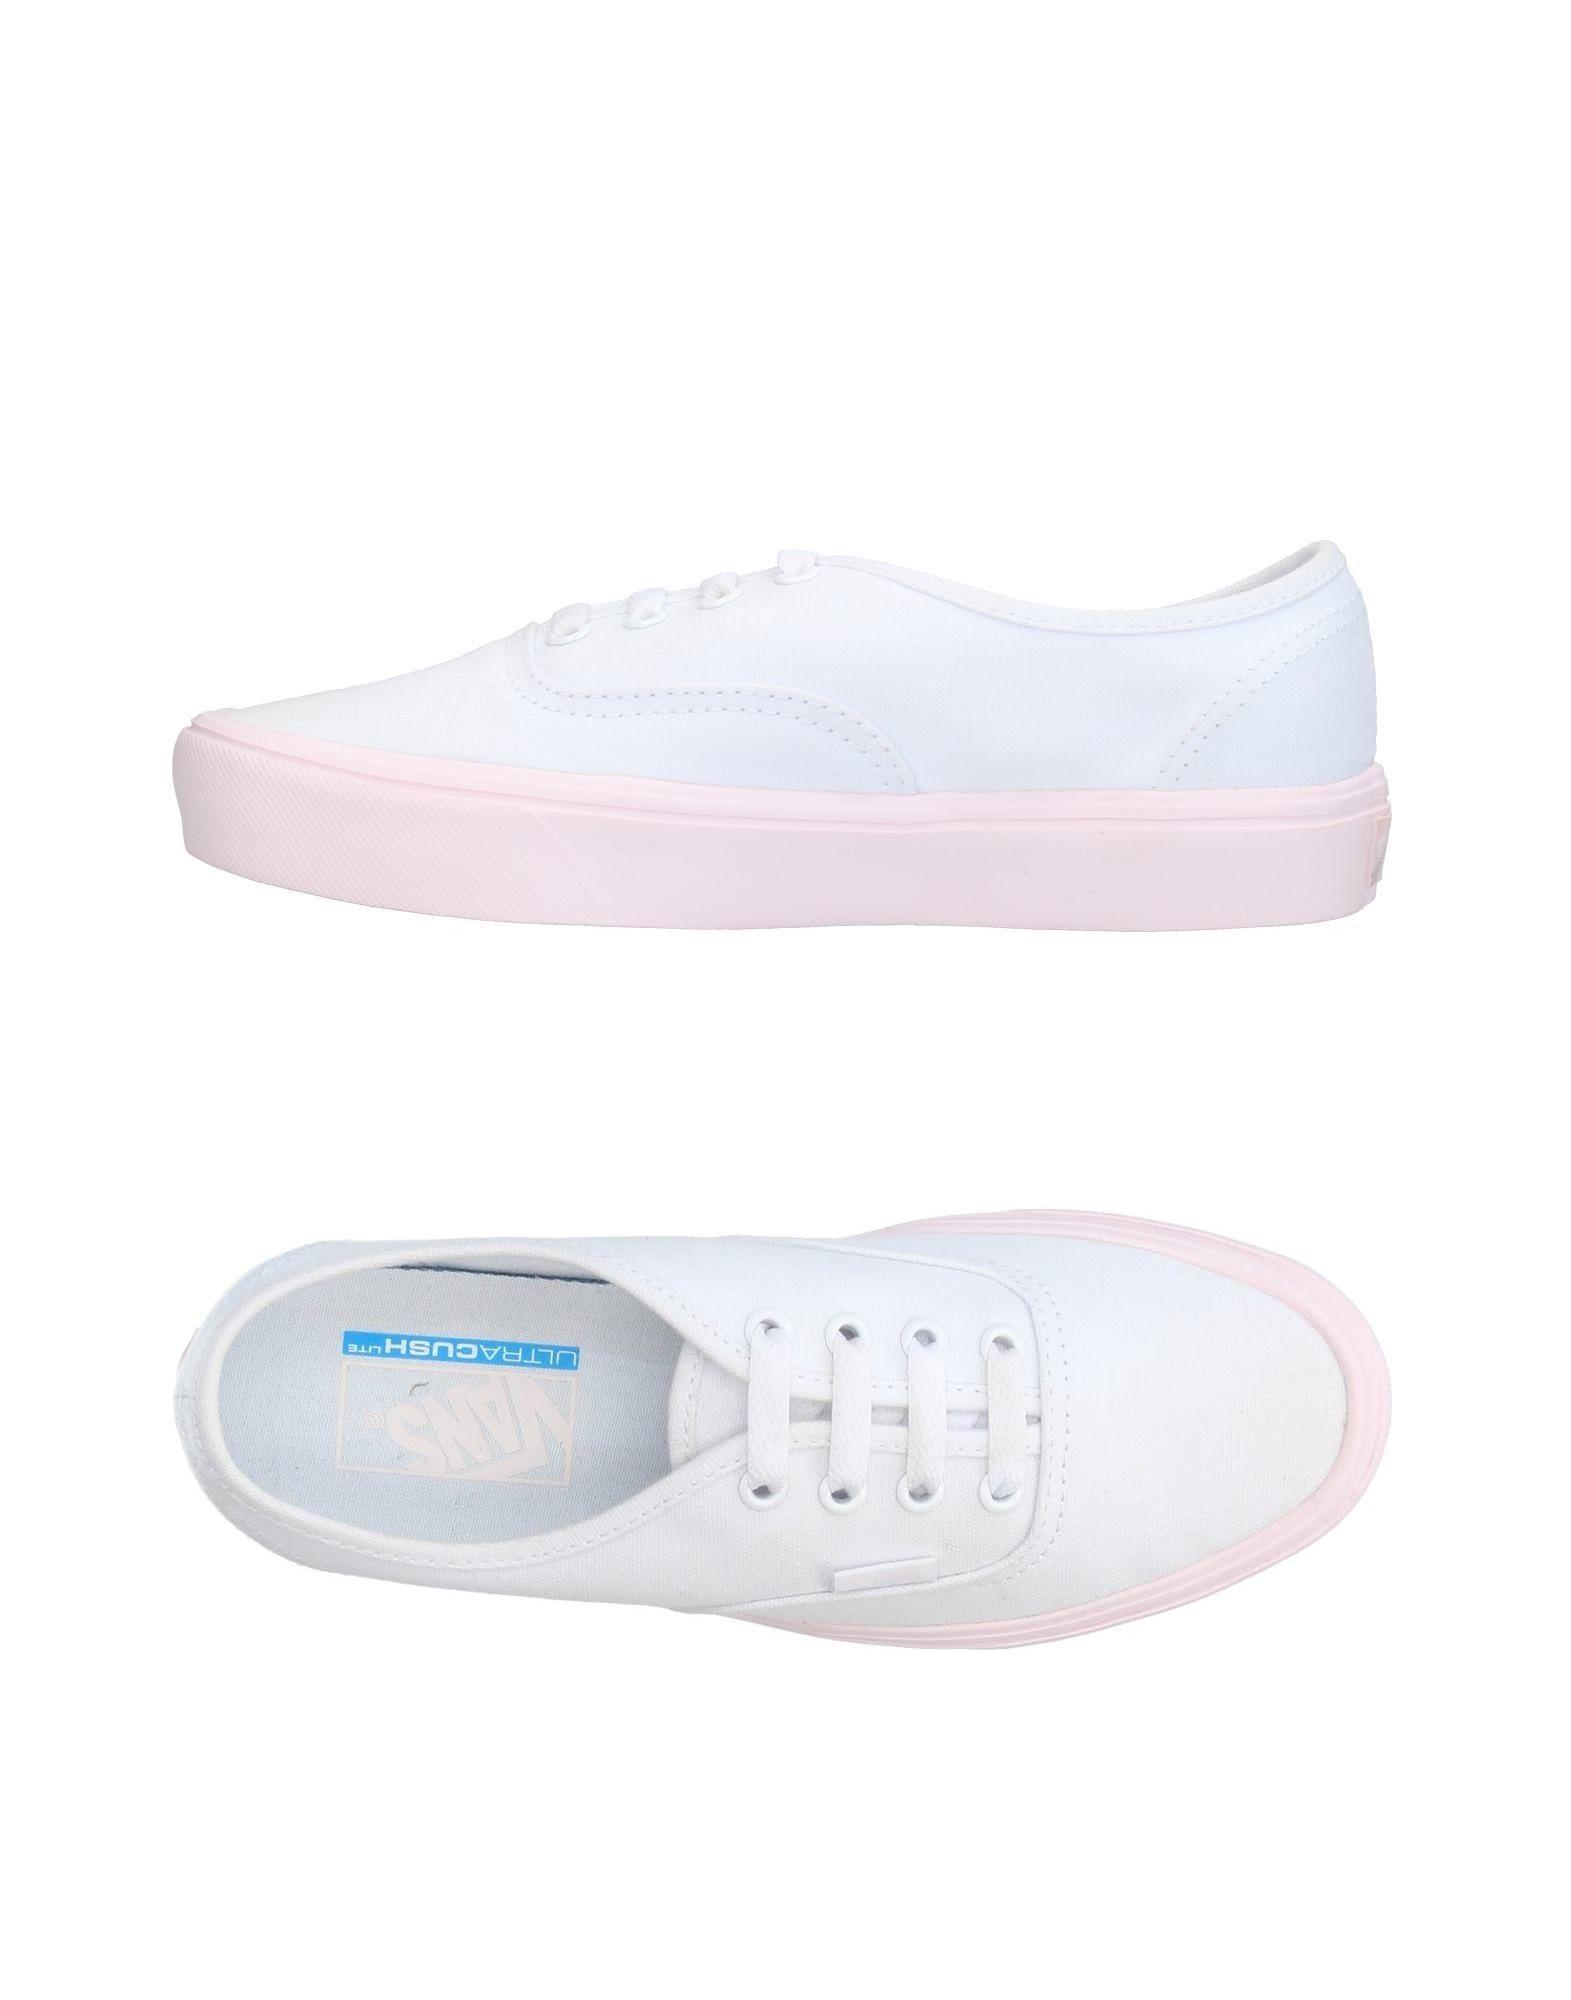 Vans Sneakers Damen  11378470KL Gute Qualität beliebte Schuhe